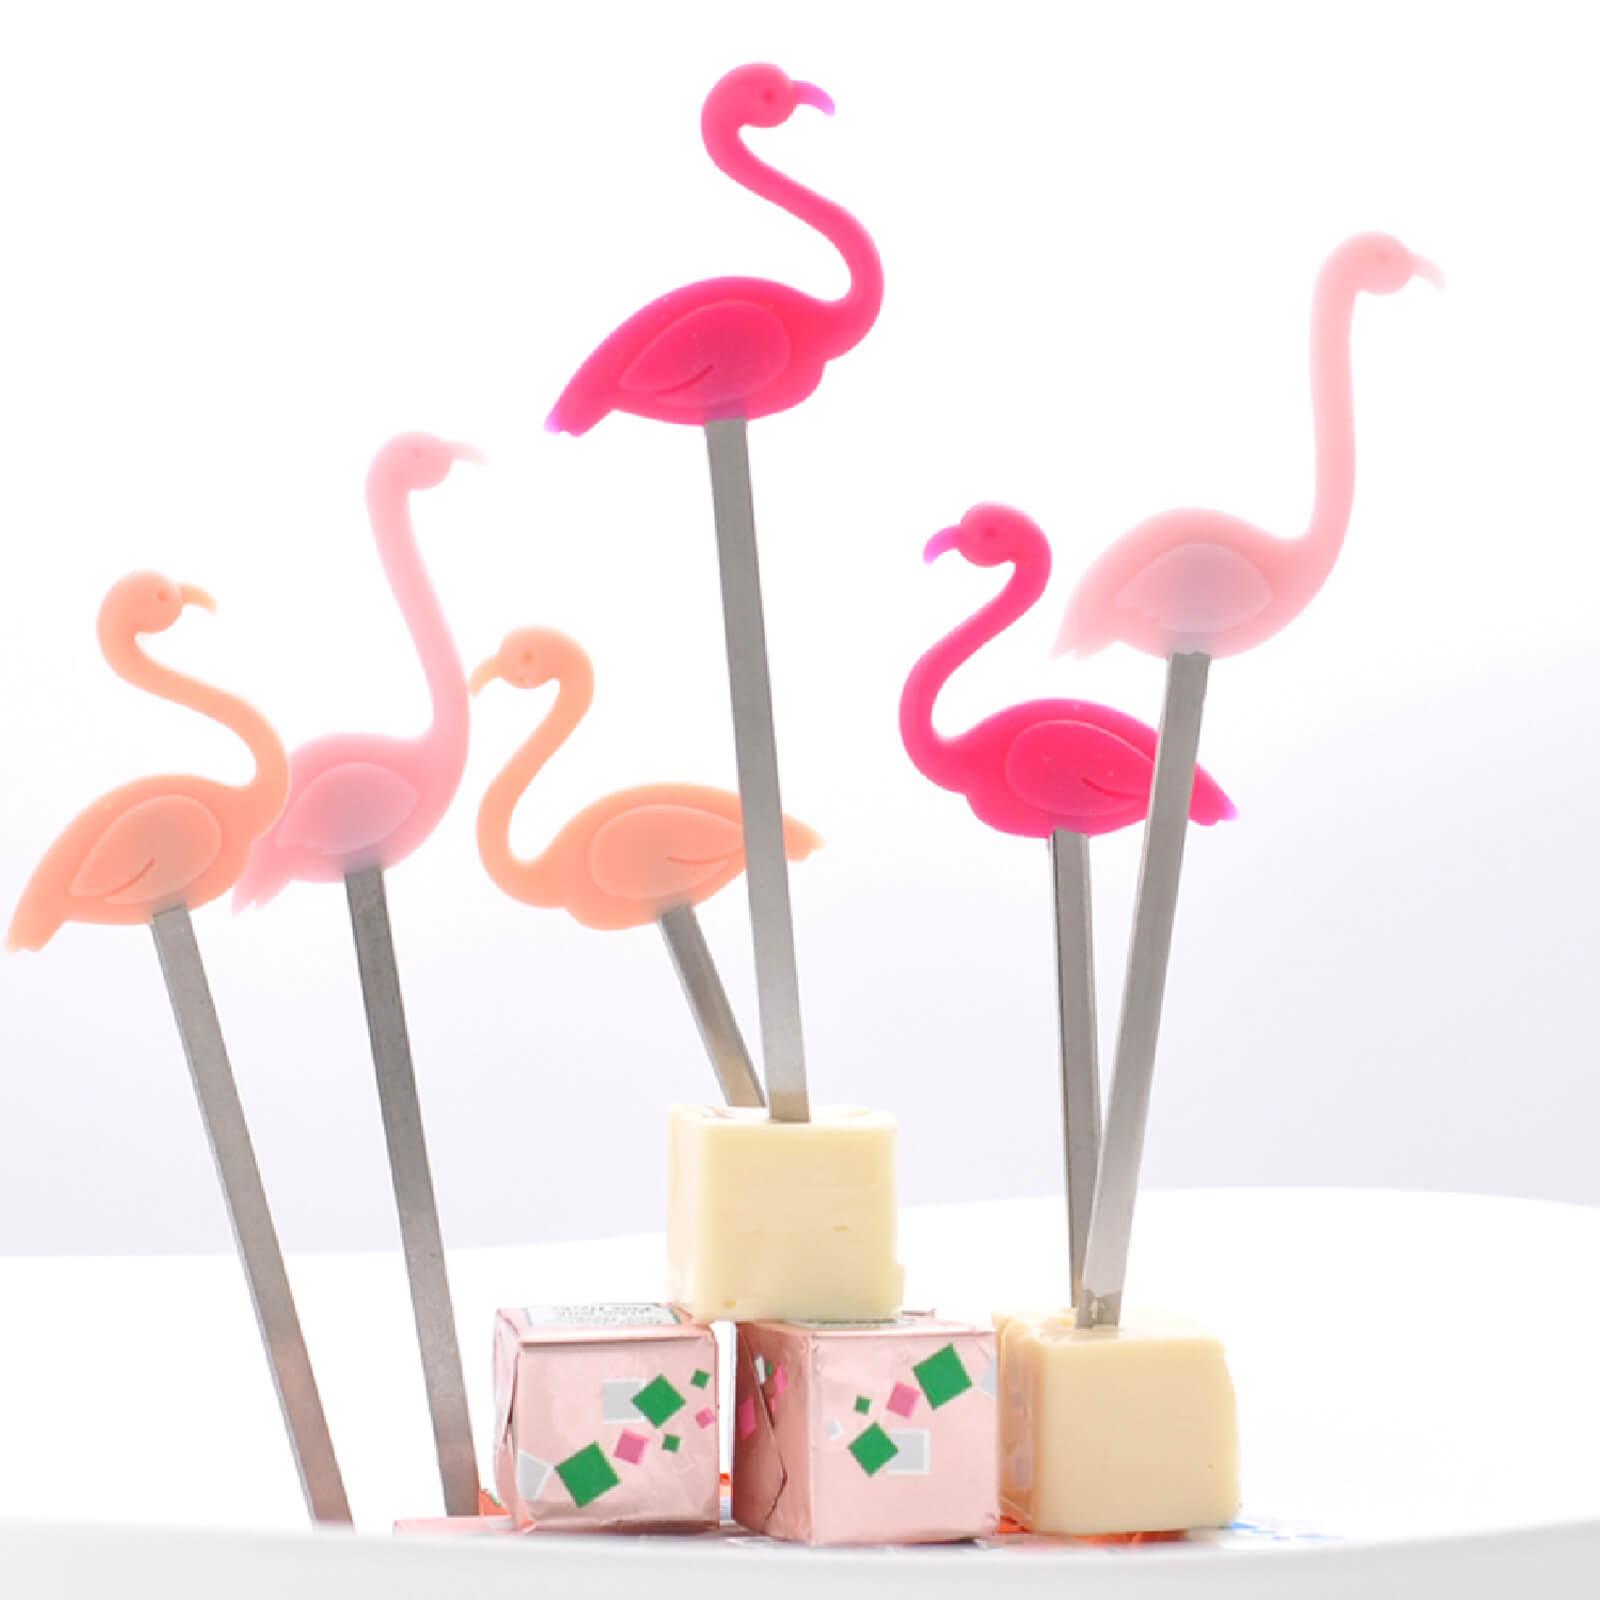 Flamingo Party Picks